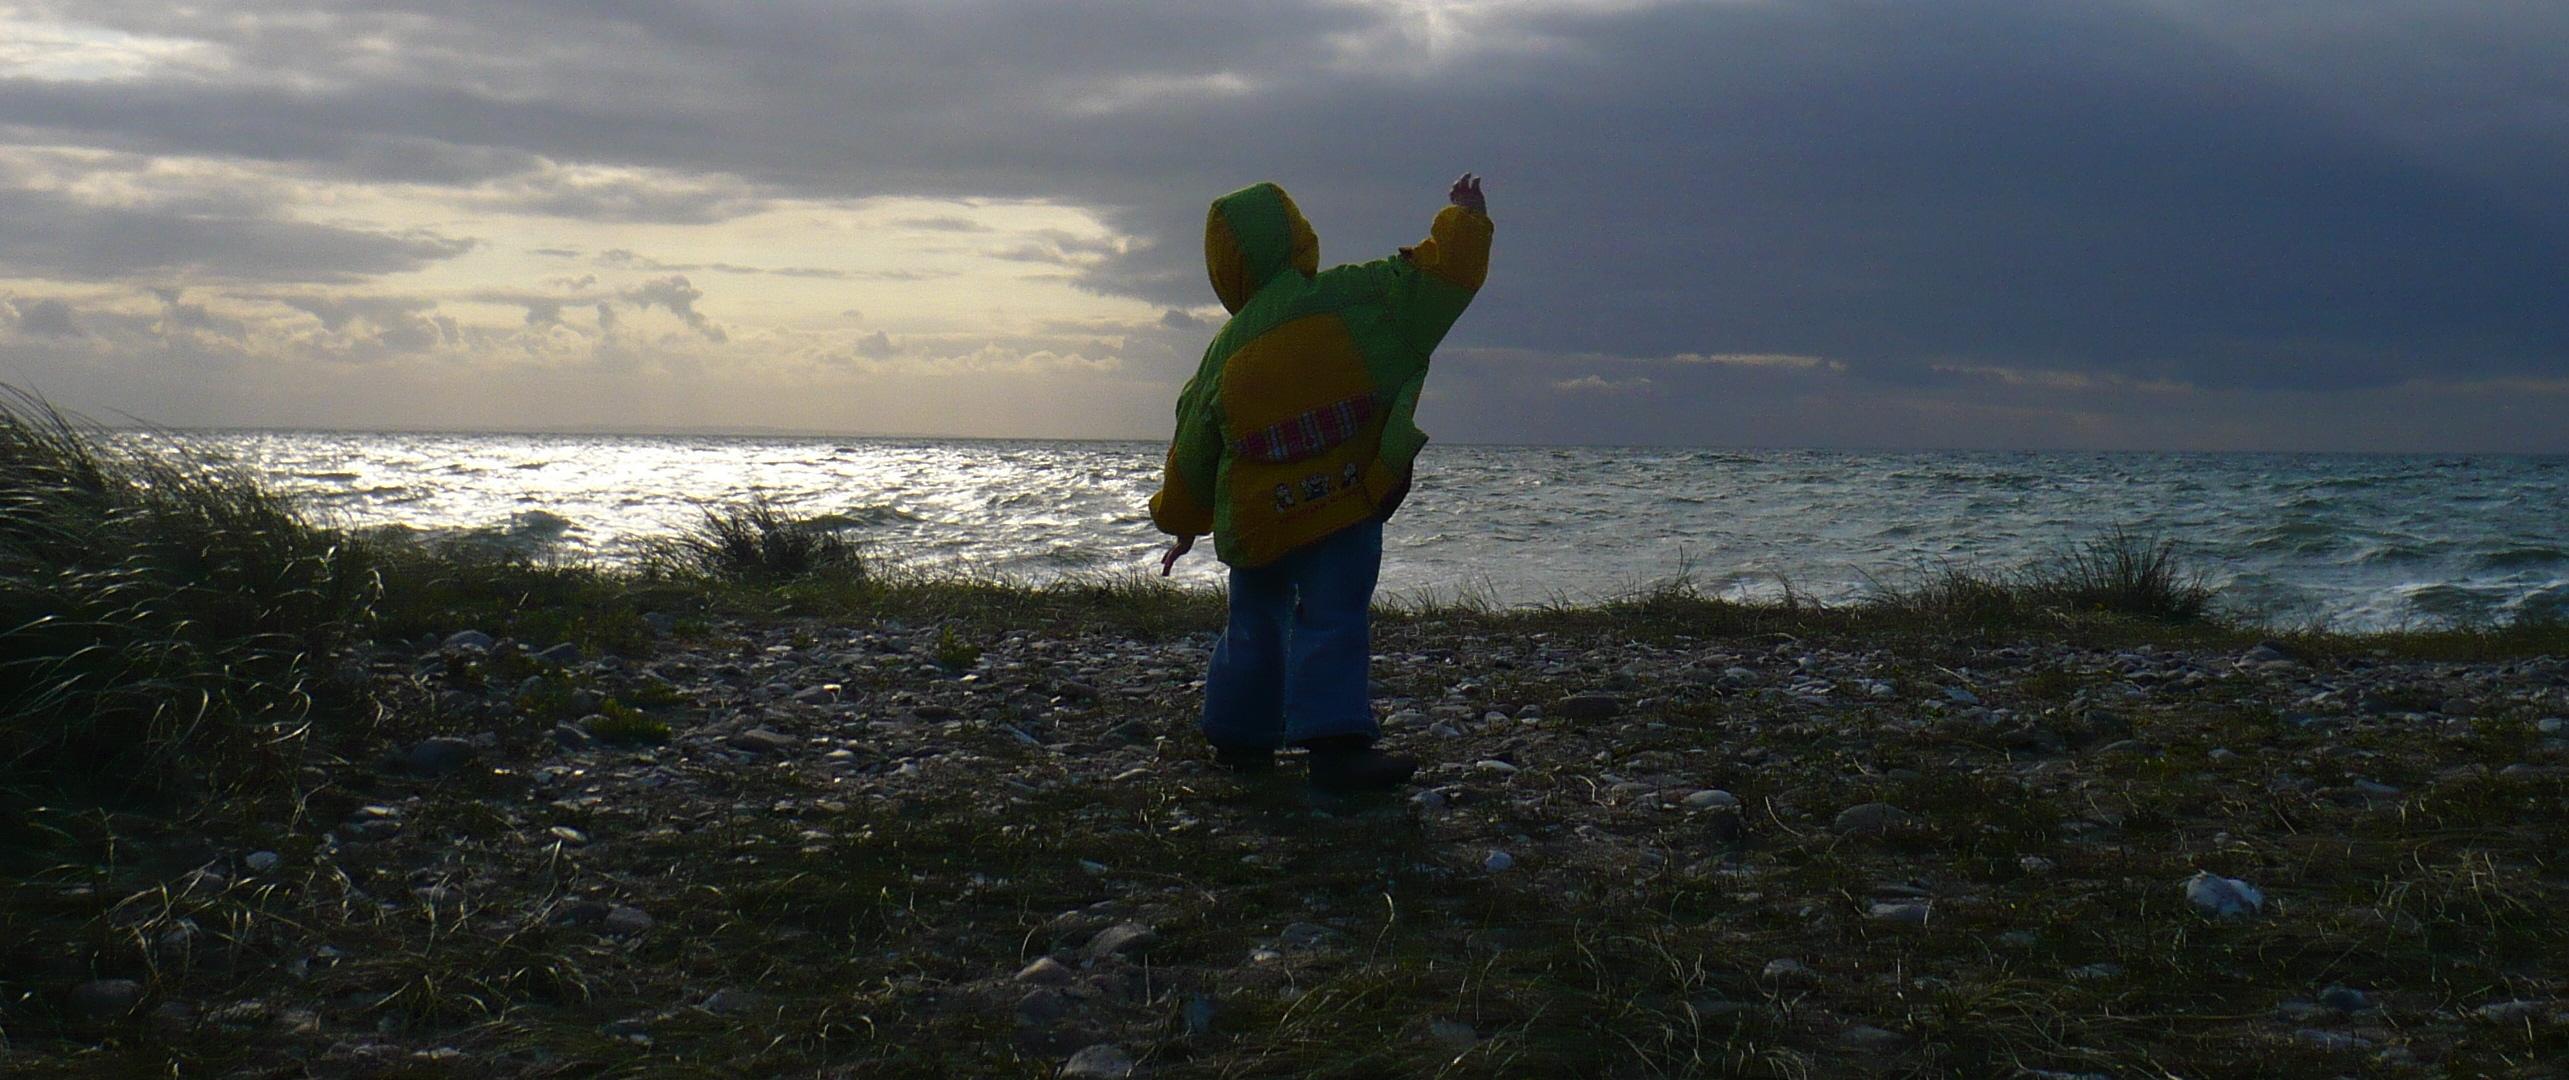 Am Meer 2012